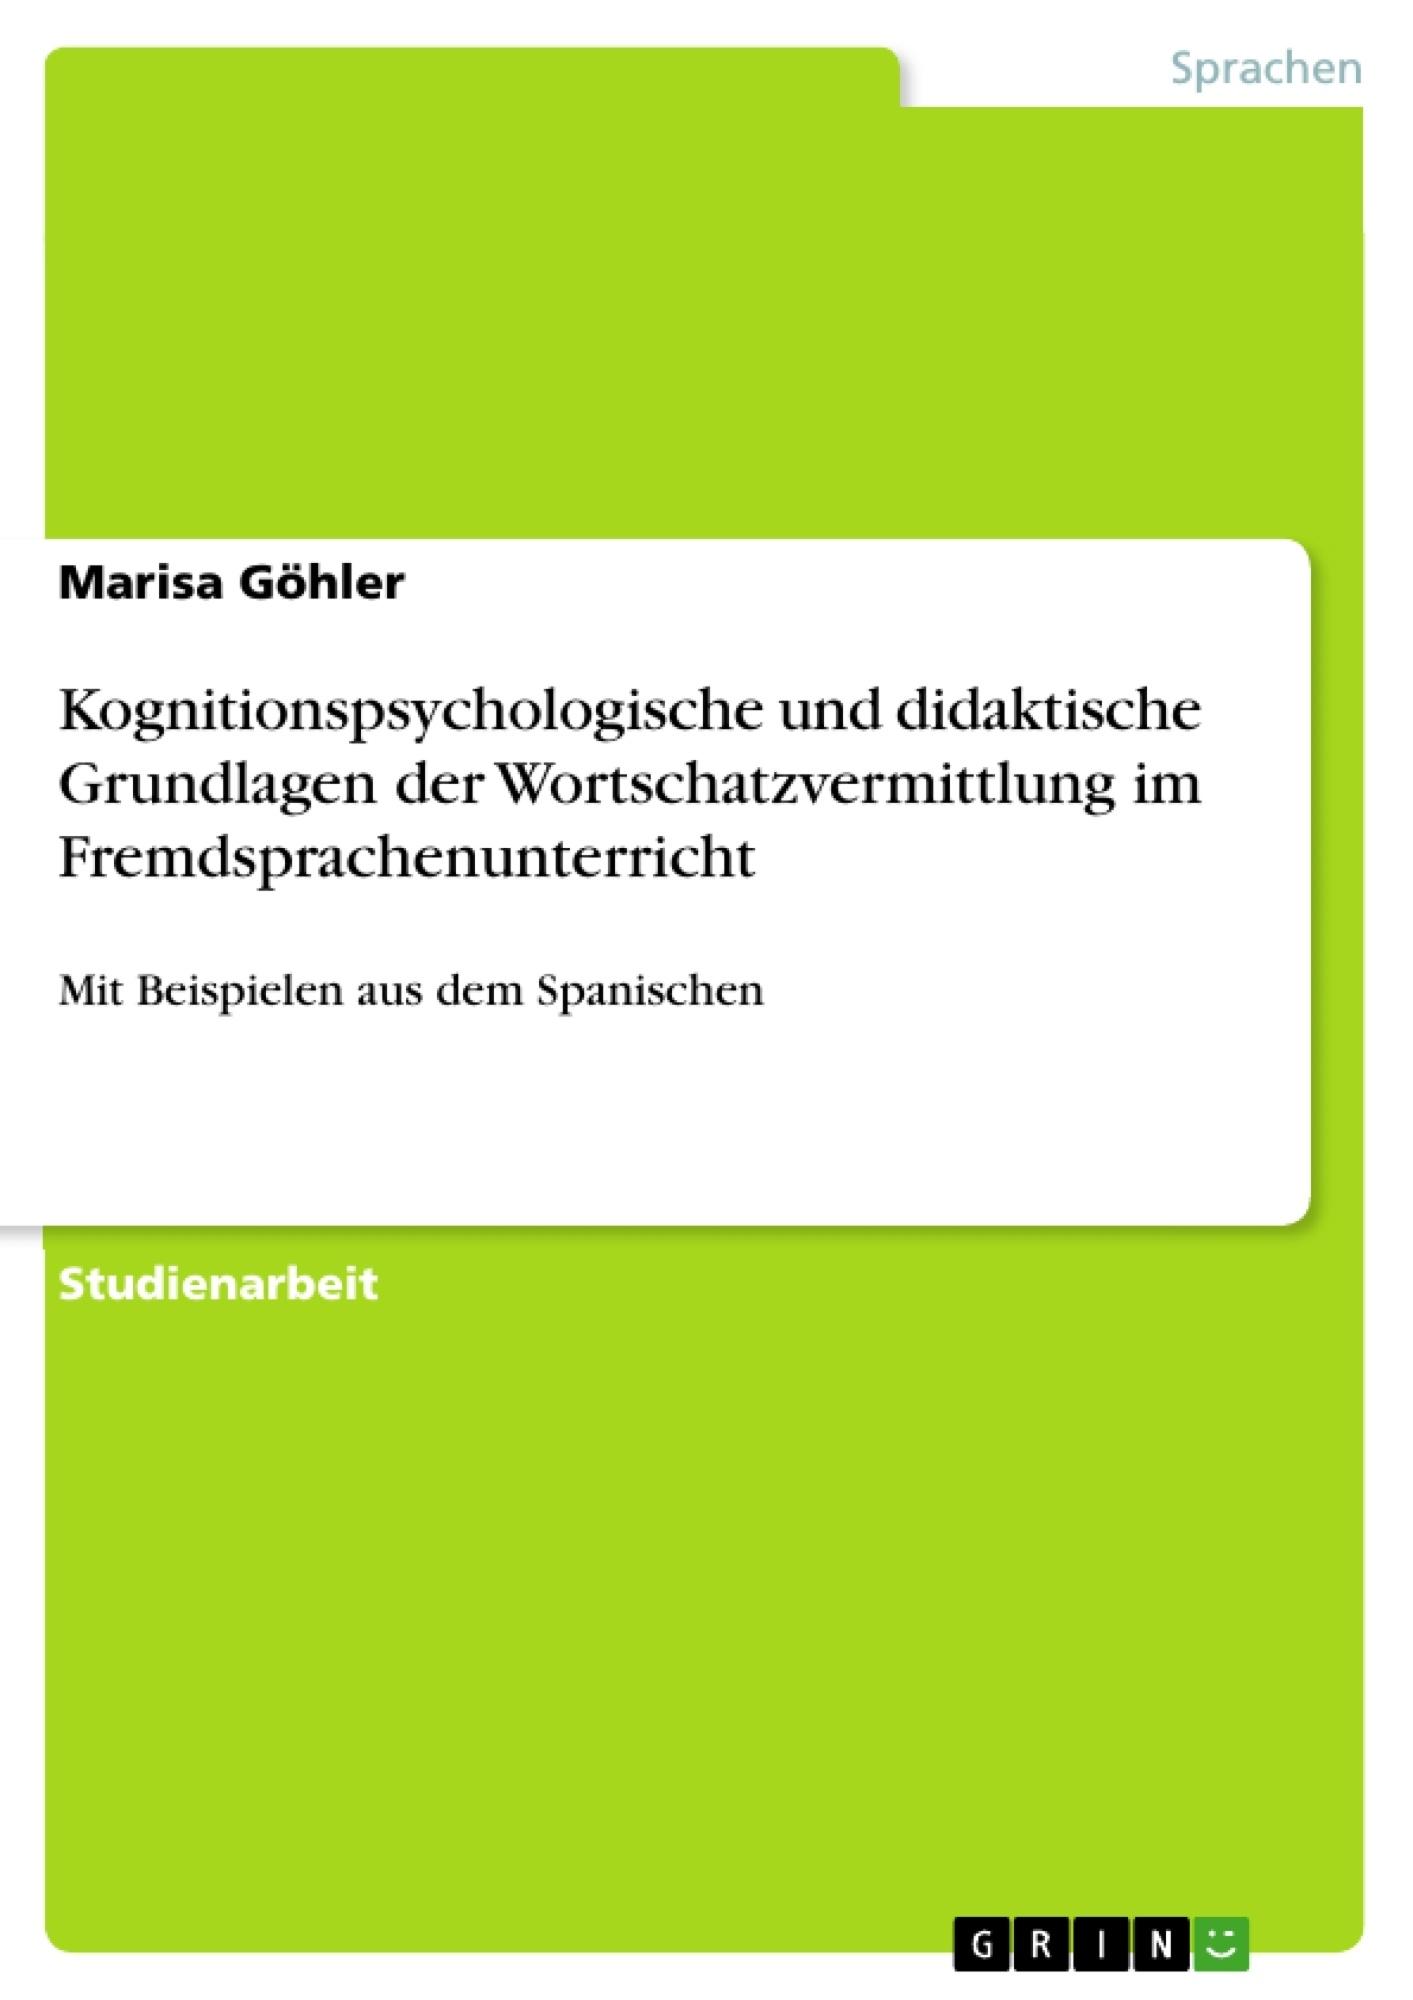 Titel: Kognitionspsychologische und didaktische Grundlagen der Wortschatzvermittlung im Fremdsprachenunterricht